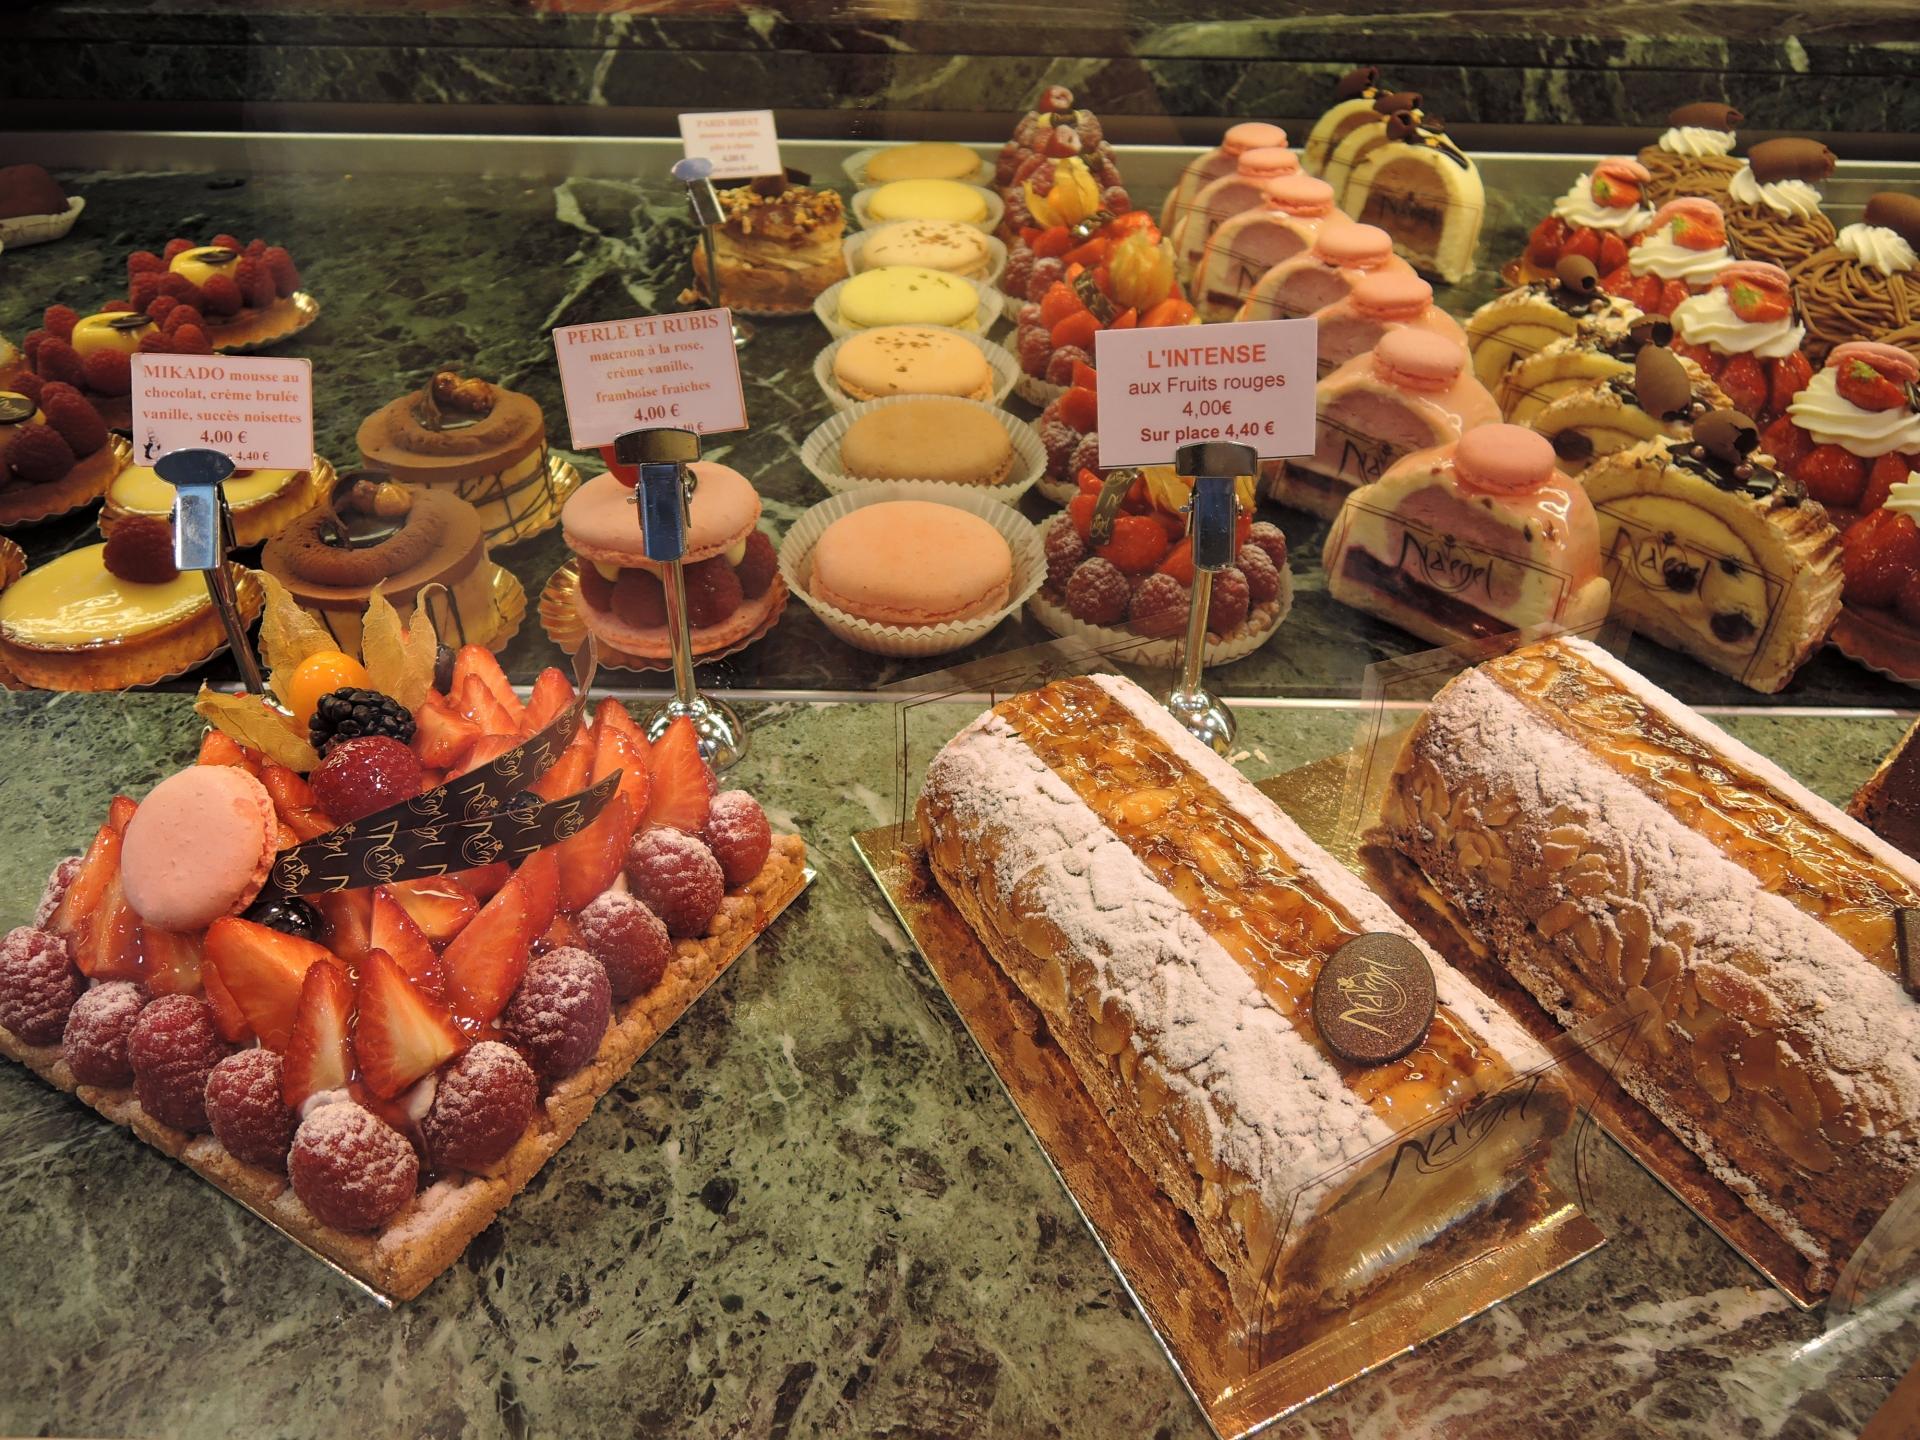 イデミスギノのおすすめケーキや焼き菓子は?京橋の有名パティスリーを紹介